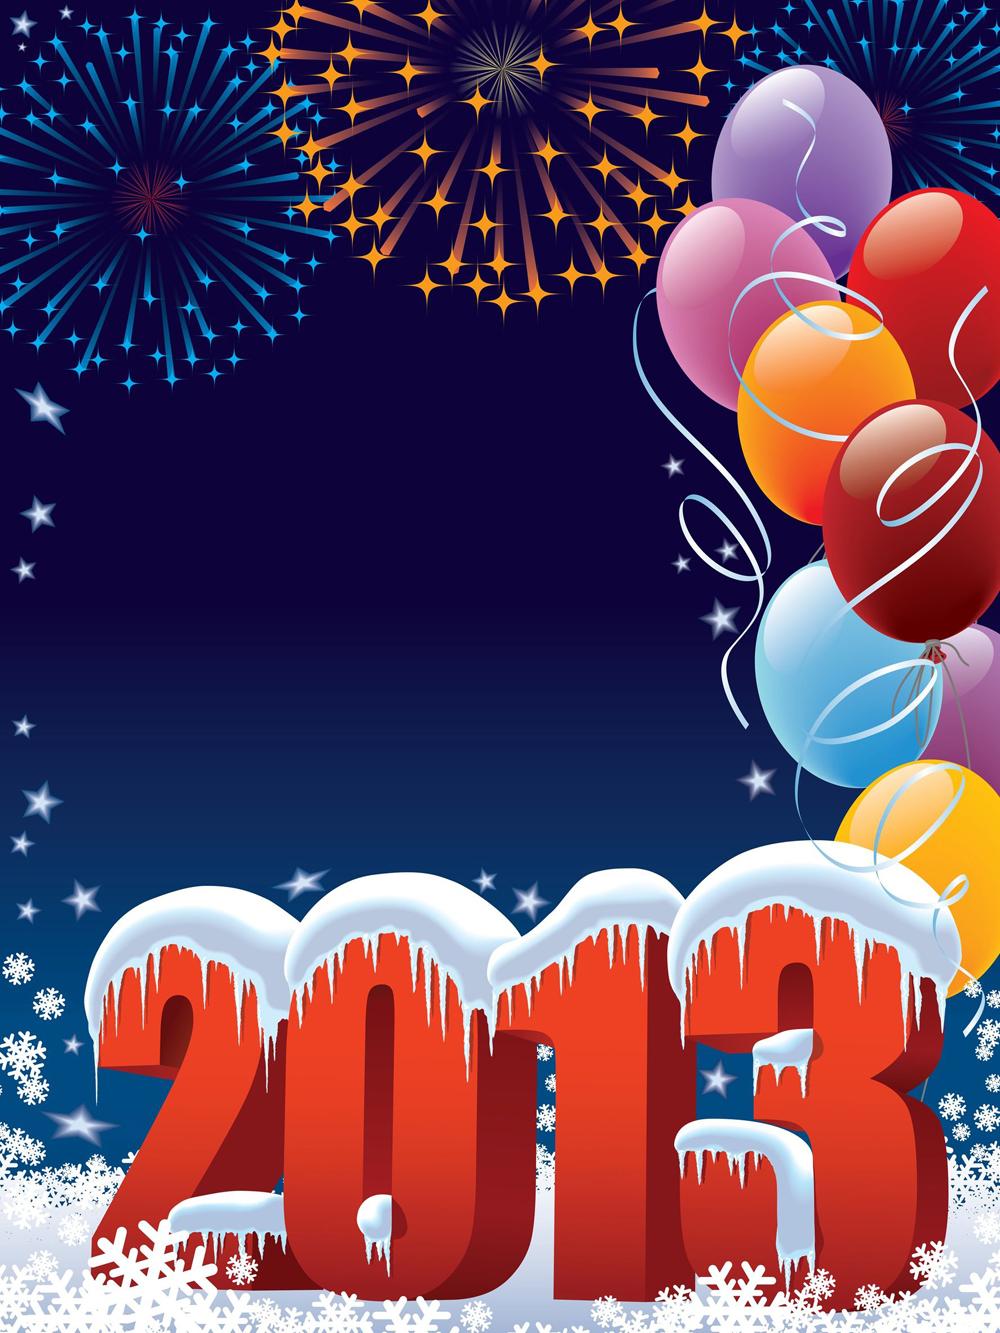 imagenes-postales-y-tarjetas-de-a%C3%B1o-nuevo-2013-fondos-y